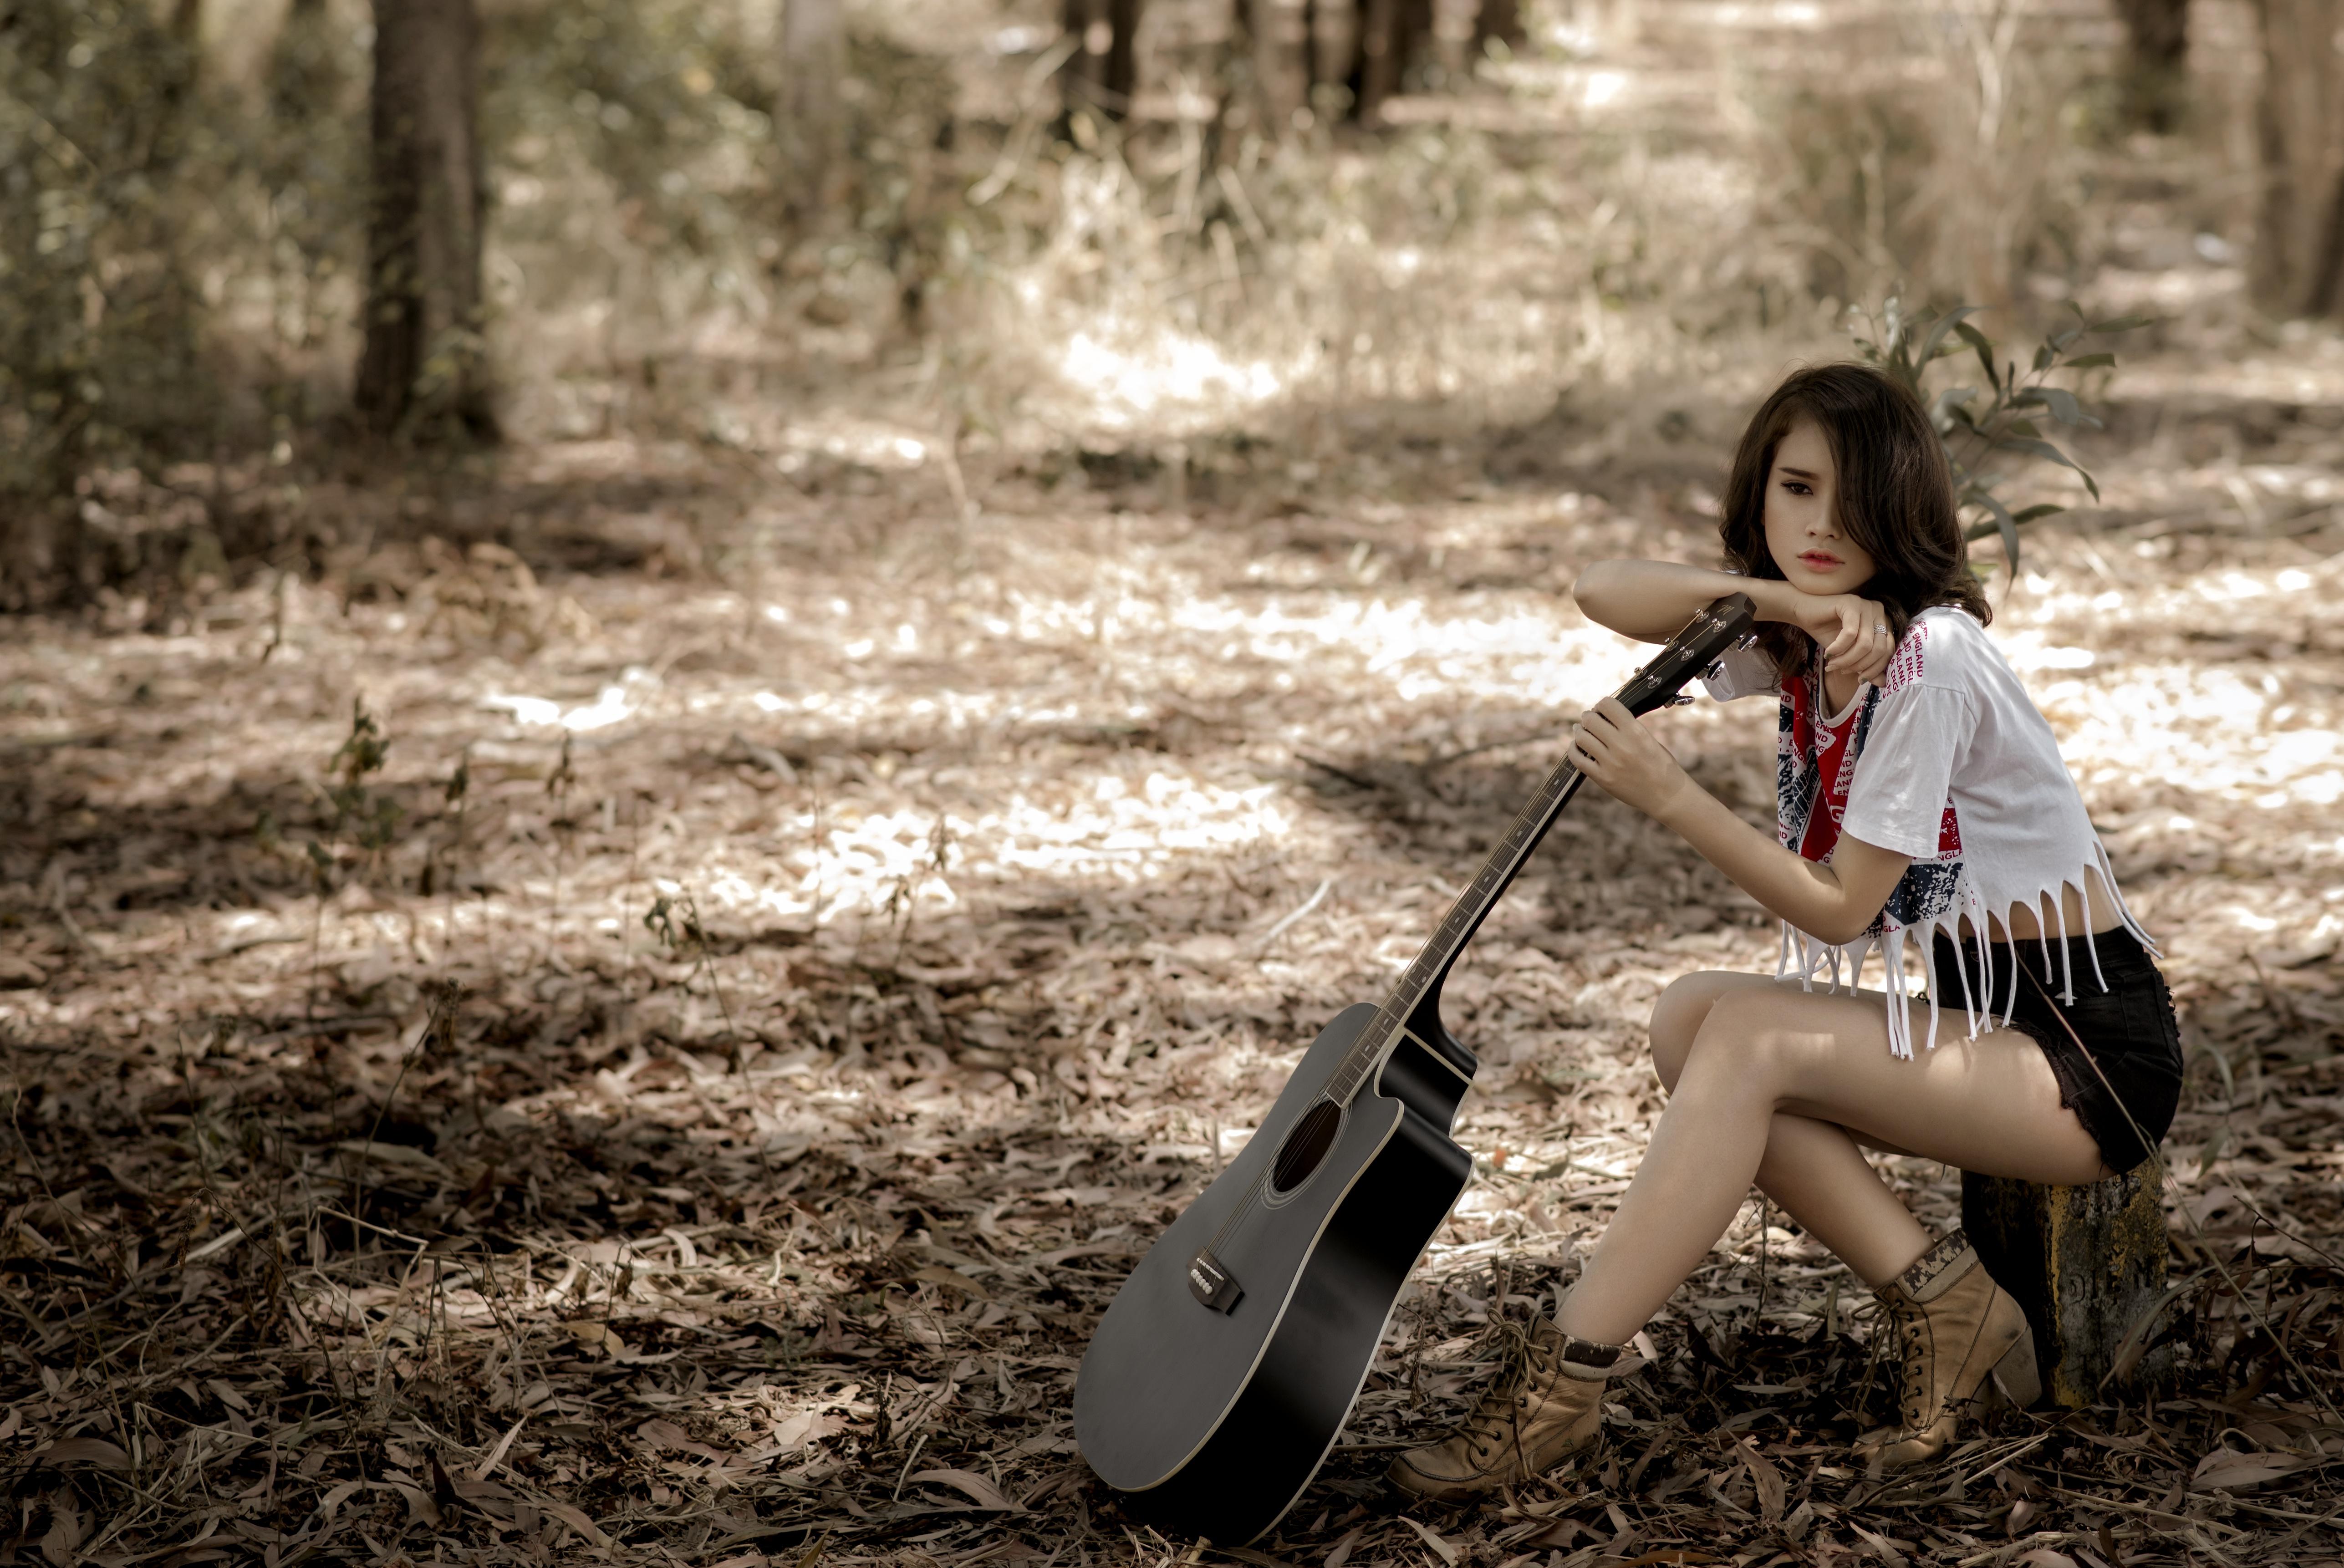 Картинка брюнеток гитары девушка азиатки шорт сидящие брюнетки Брюнетка Гитара с гитарой Девушки молодая женщина молодые женщины Азиаты азиатка сидя Шорты Сидит шортах